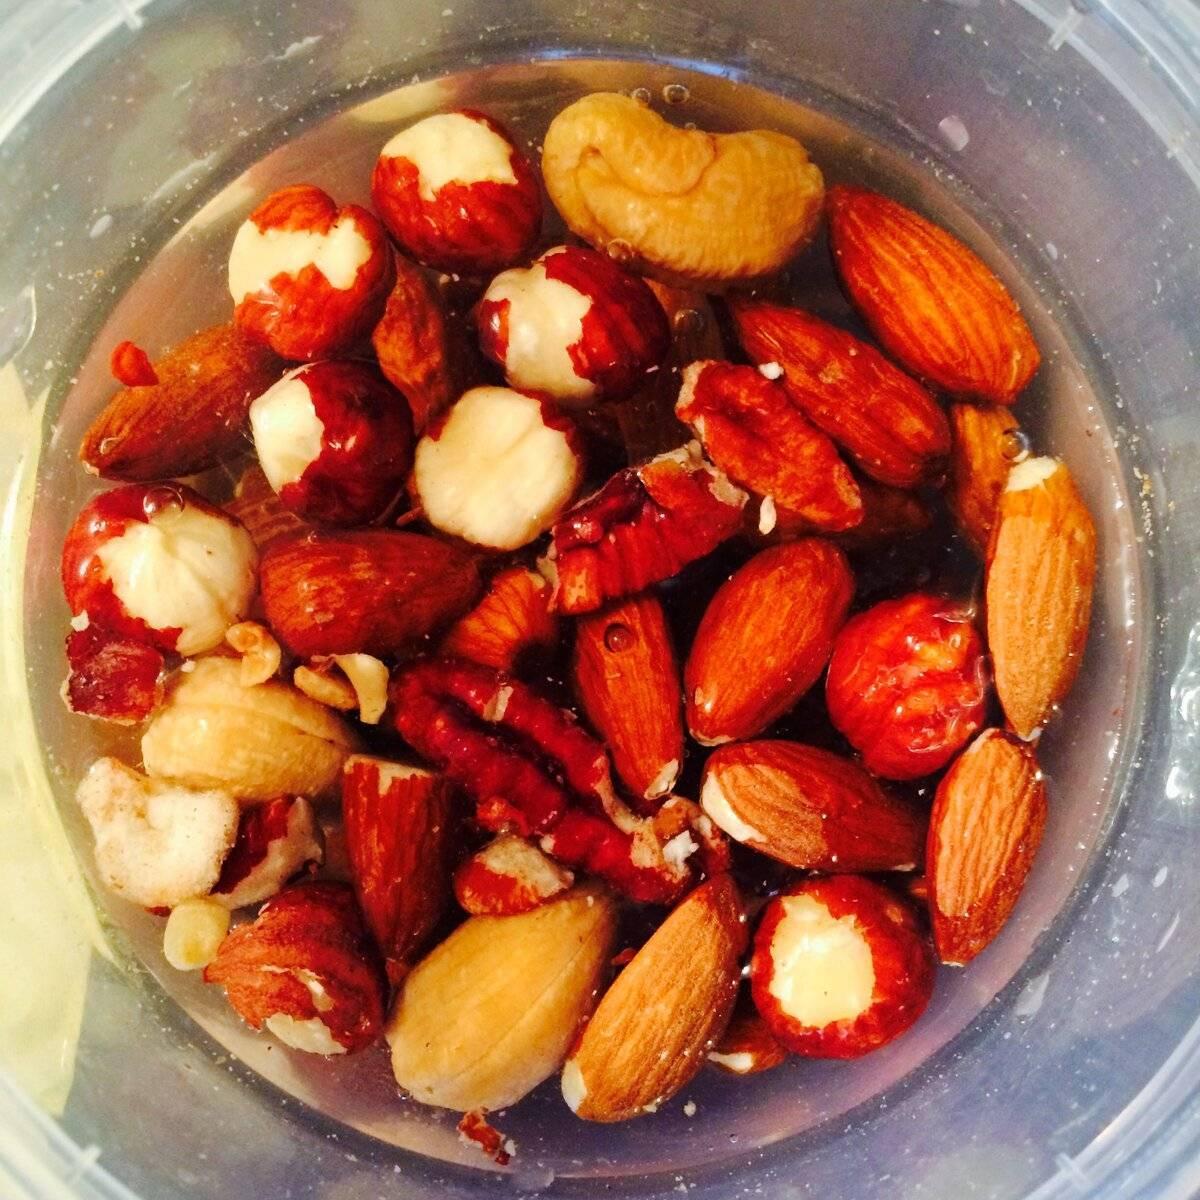 Зачем проводить замачивание кешью? почему орехи после процедуры могут потемнеть?